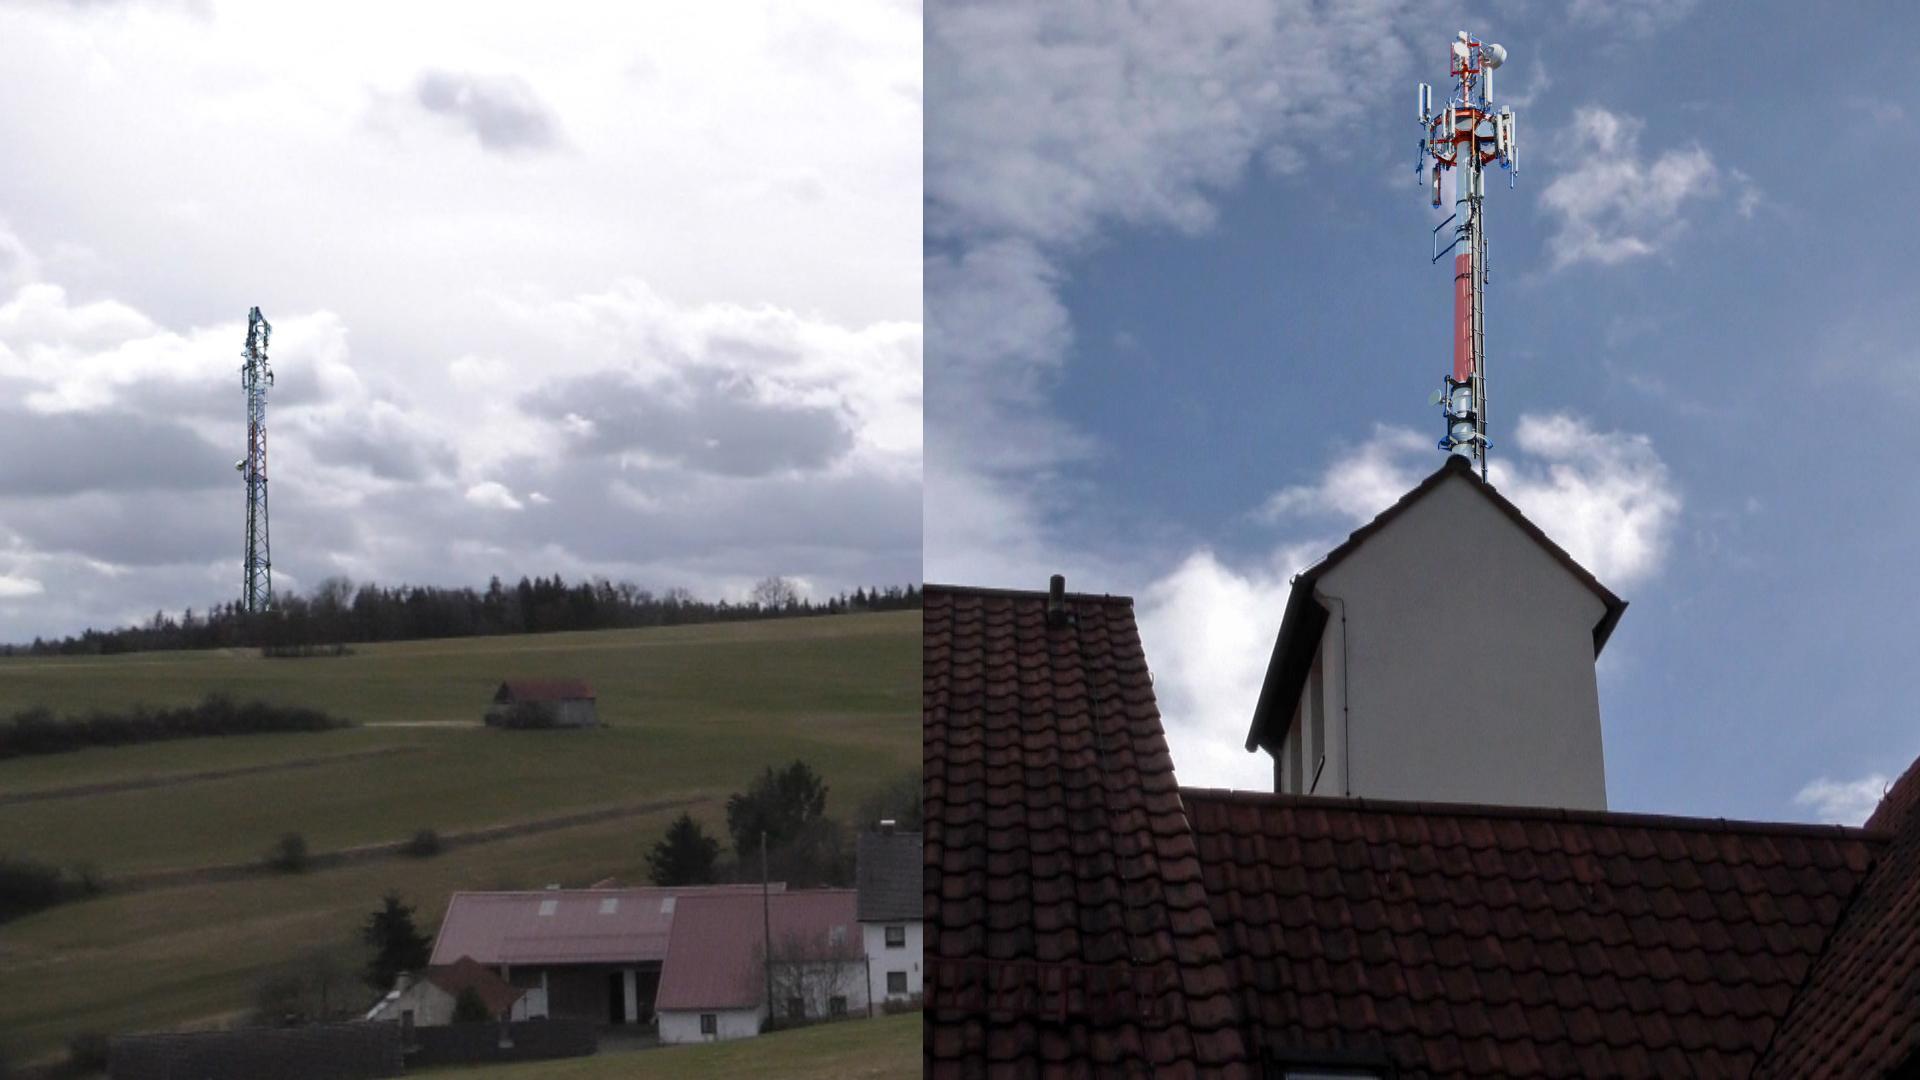 Eine Fotomontage zeigt die beiden Varianten für den Funkmast.